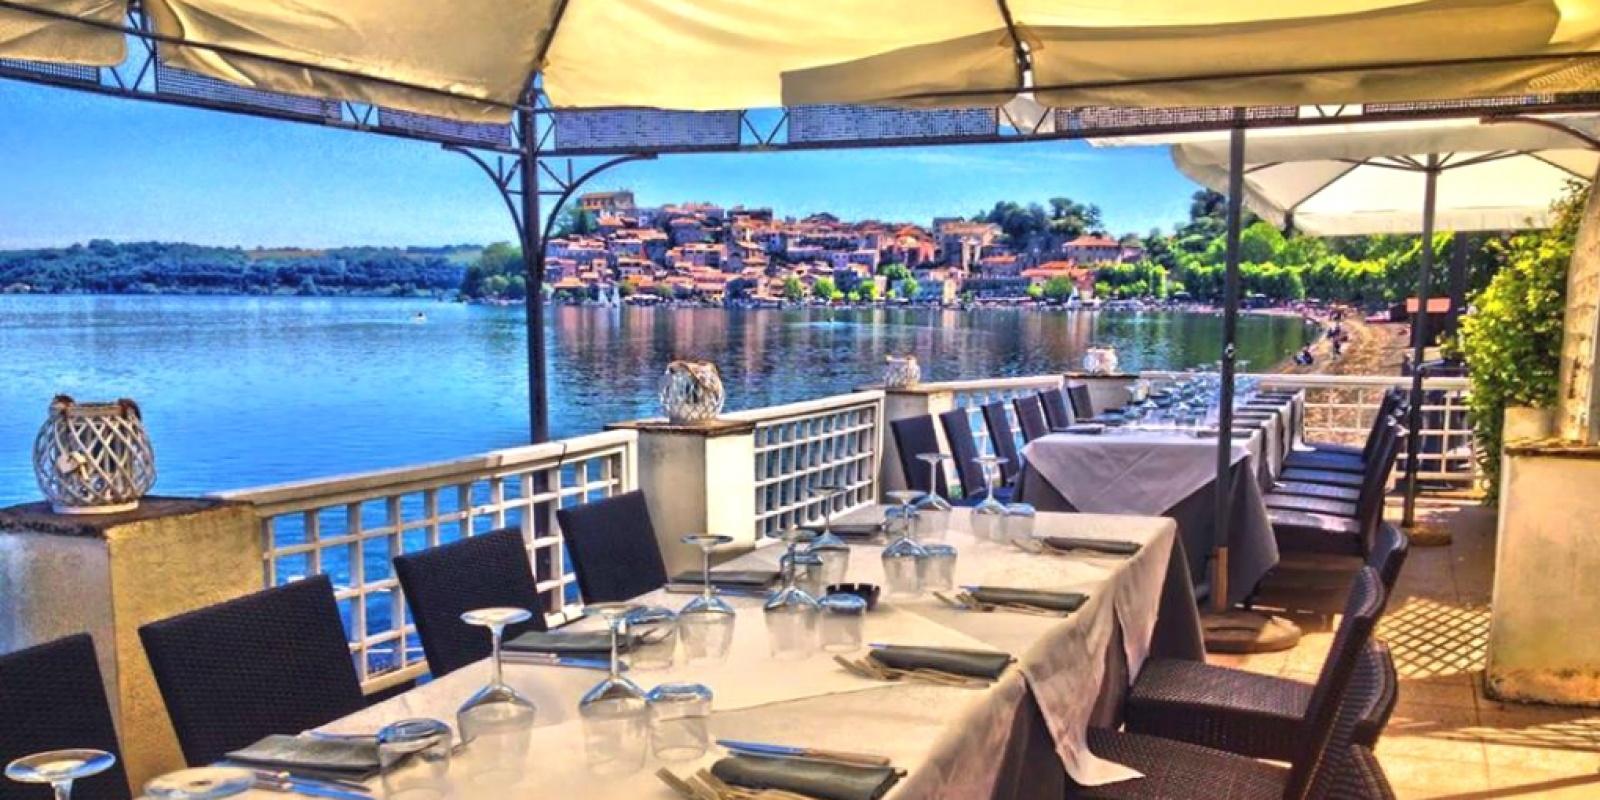 Vacanze quasi in città, i migliori ristoranti sul Lago di Bracciano